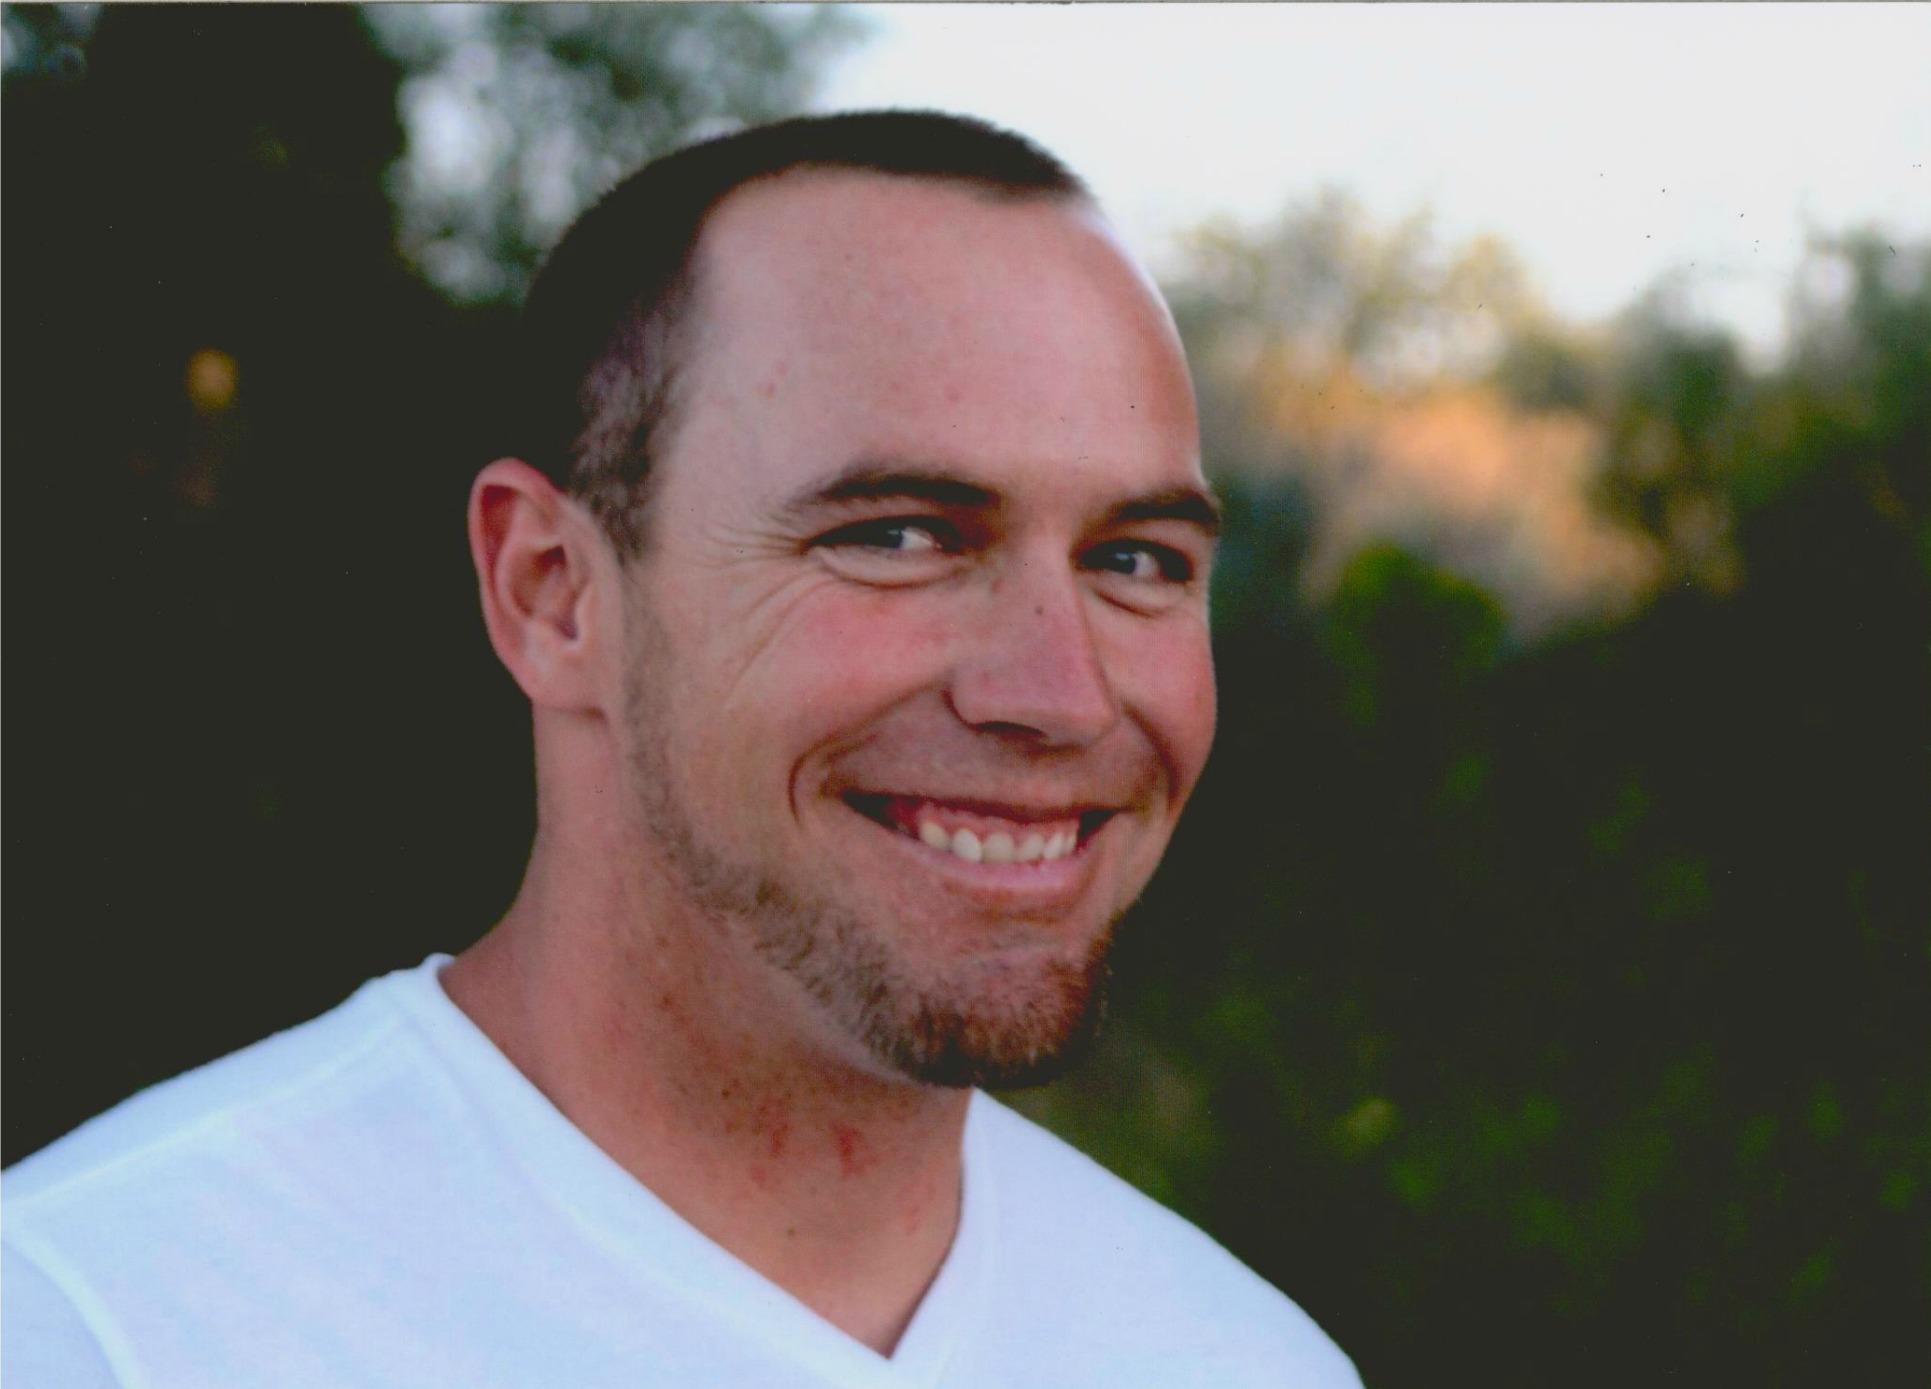 Cody B. Prahl